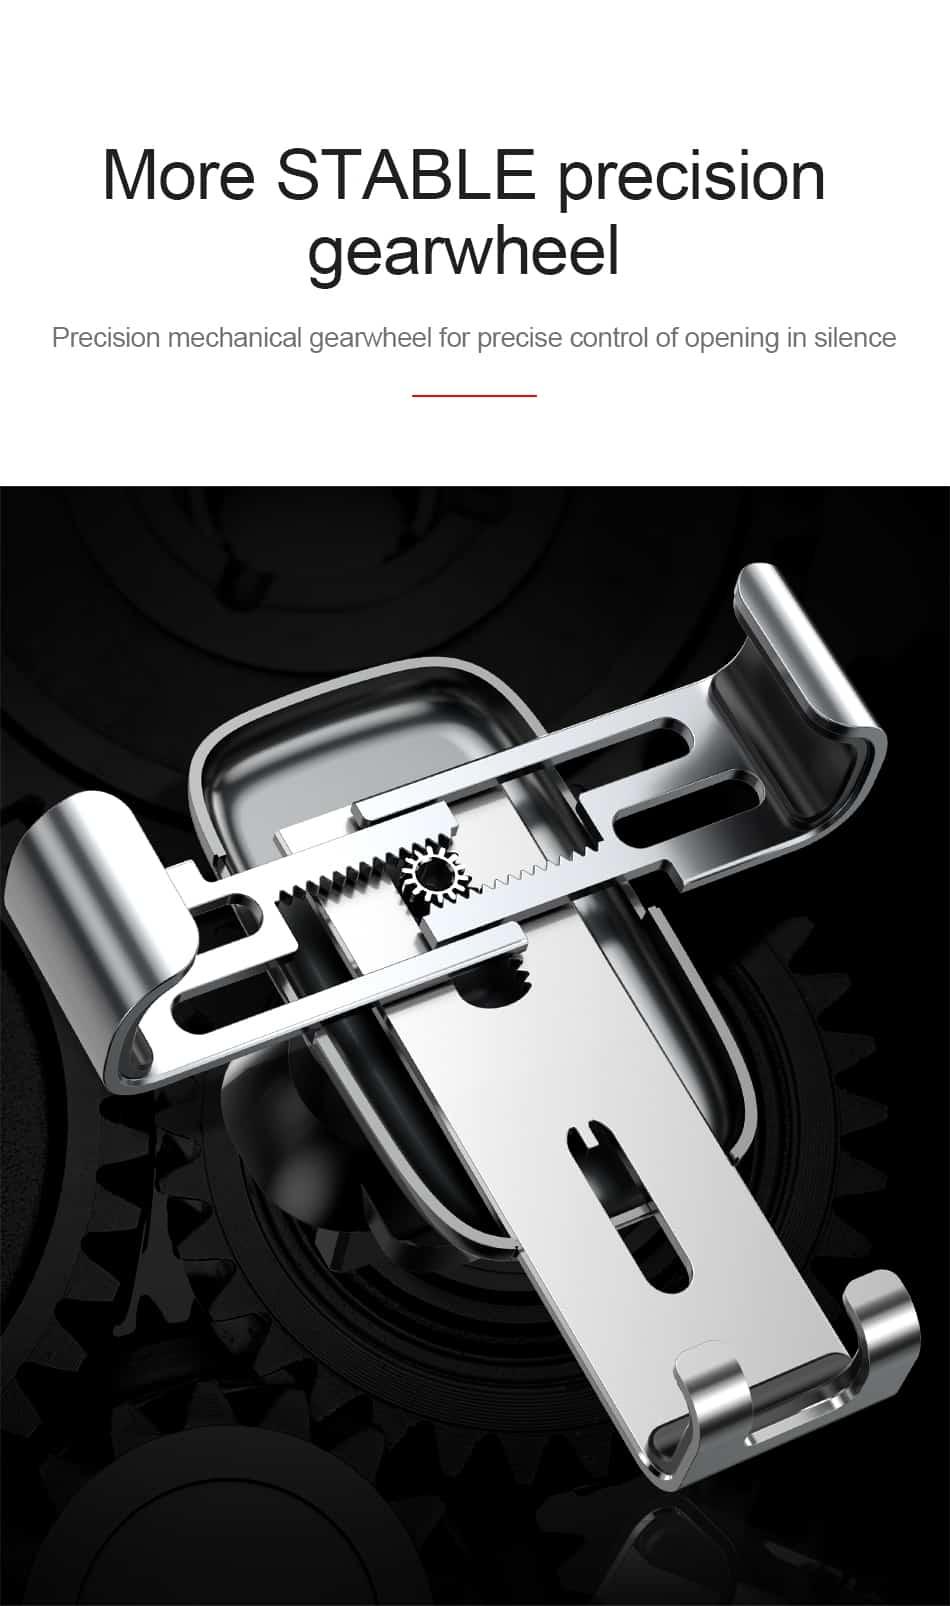 Bộ đế giữ điện thoại dùng cho xe hơi Baseus Metal Age Gravity thiết kế kim loại sang trọng